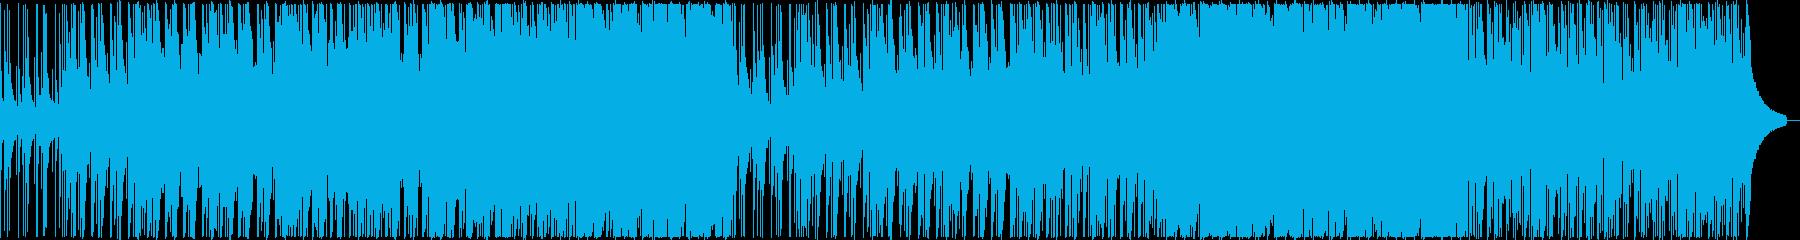 自然の山々の佇まいをイメージしたBGMの再生済みの波形